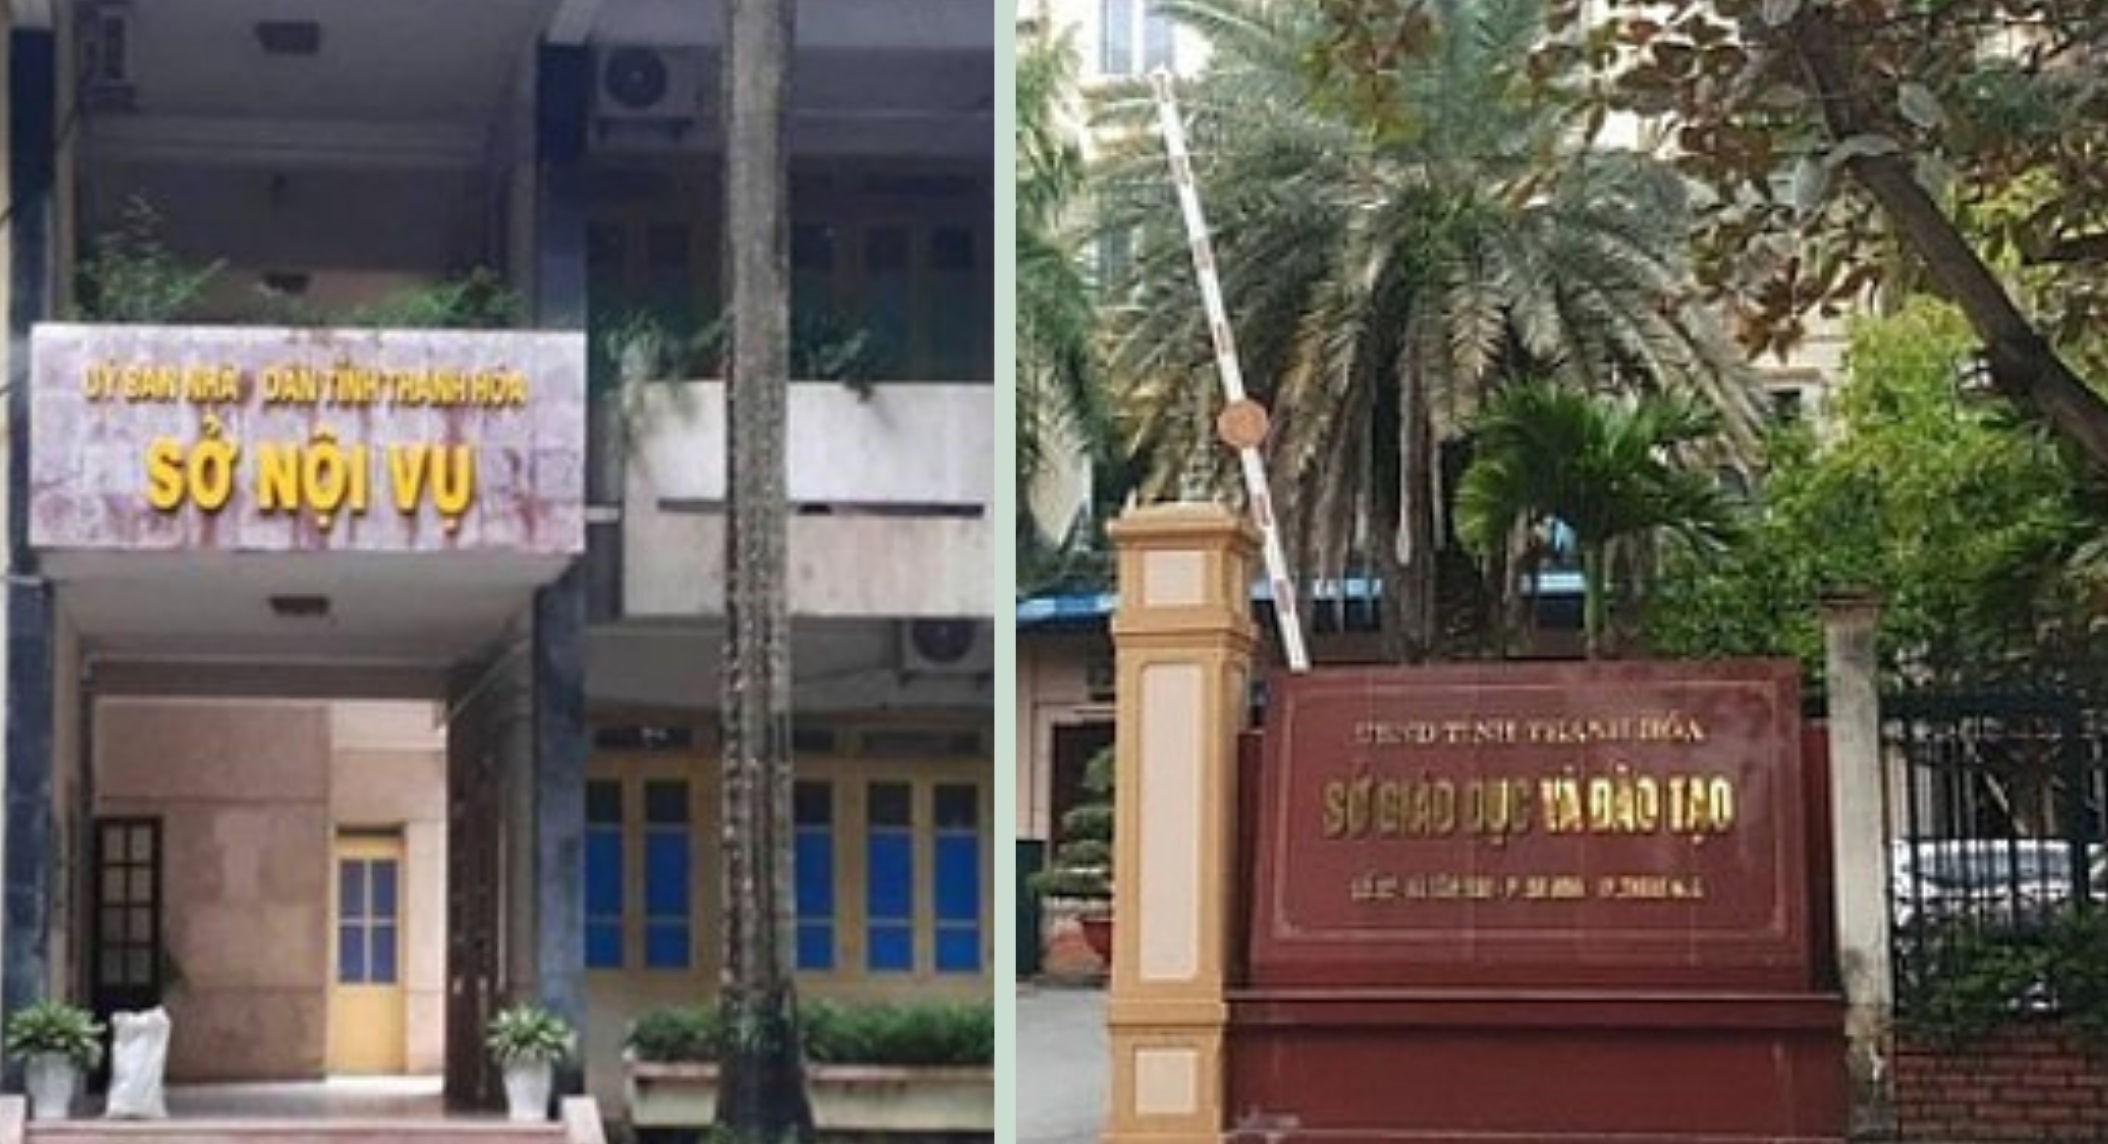 Sau thi tuyển, gần 300 giáo viên ở Thanh Hóa vẫn mỏi mòn đợi quyết định